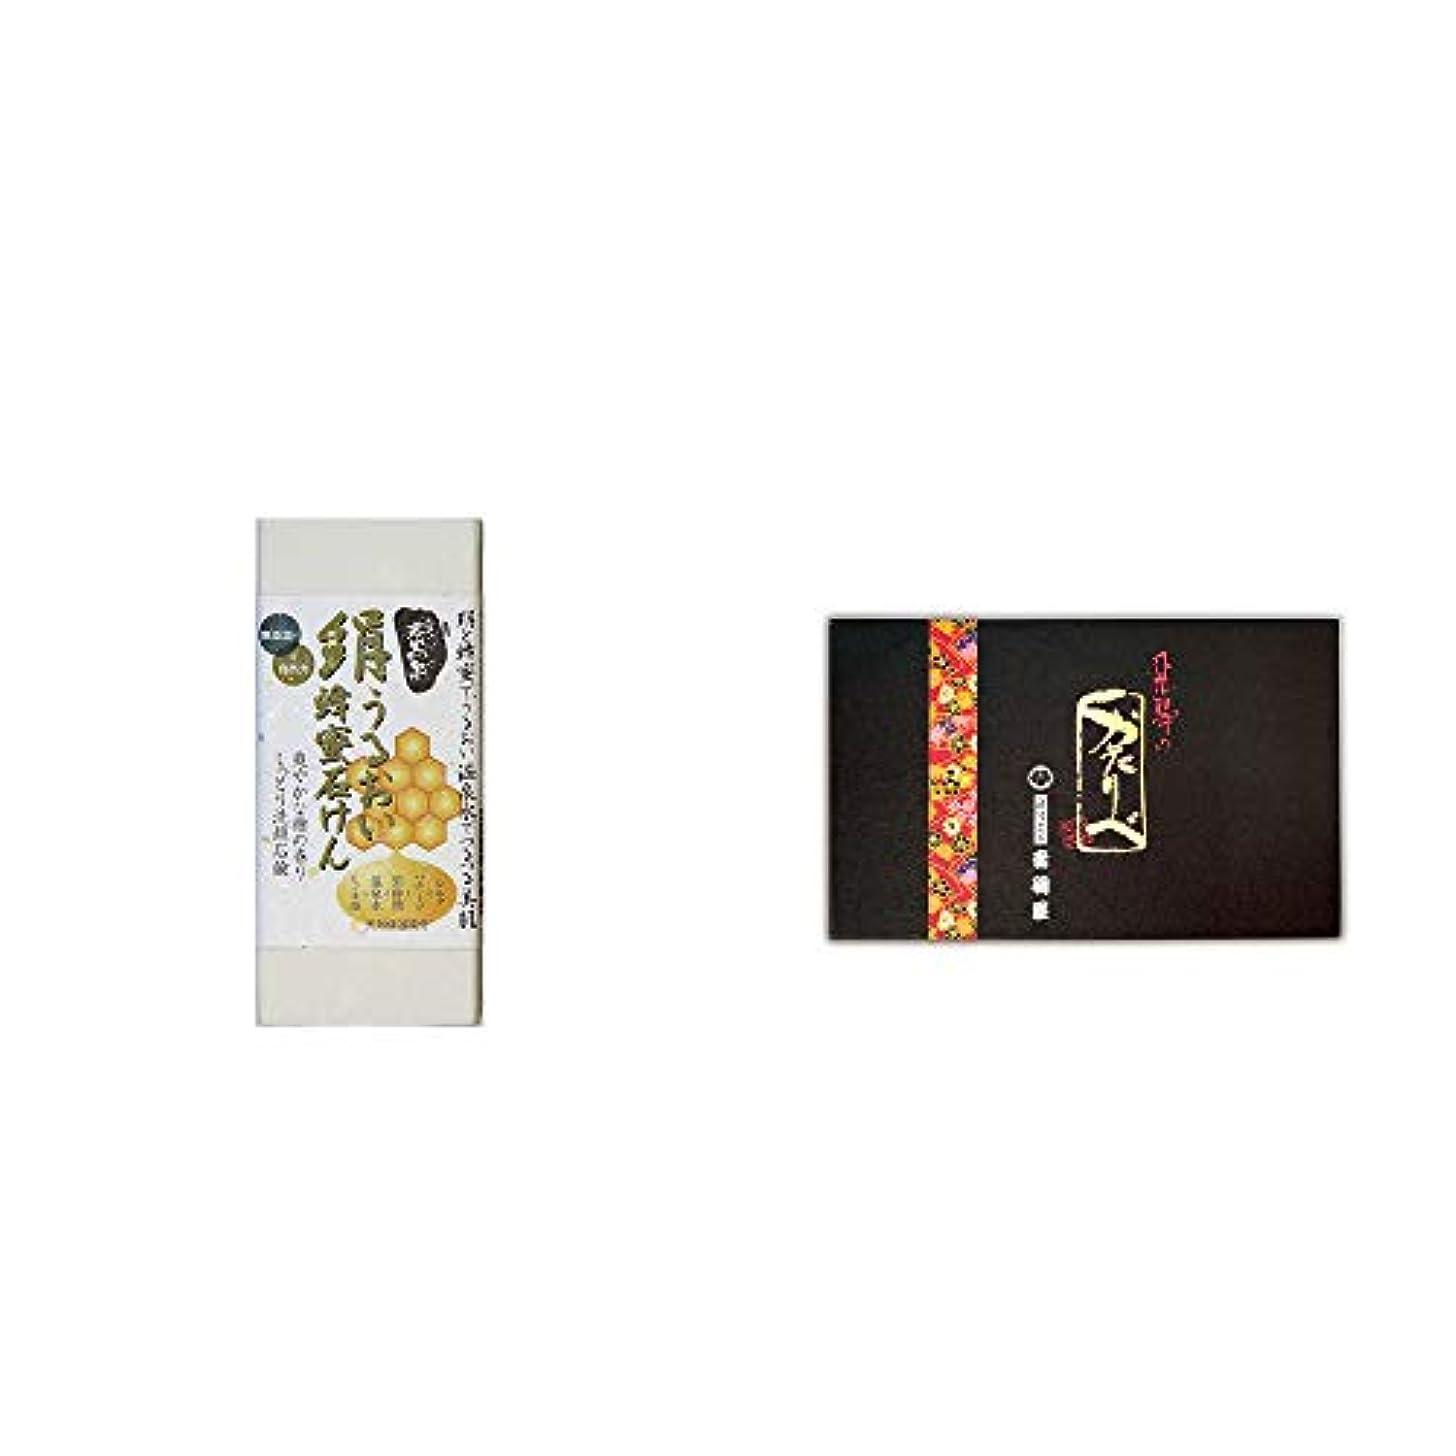 浅いスタジオライド[2点セット] ひのき炭黒泉 絹うるおい蜂蜜石けん(75g×2)?岐阜銘菓 音羽屋 飛騨のかたりべ [12個]